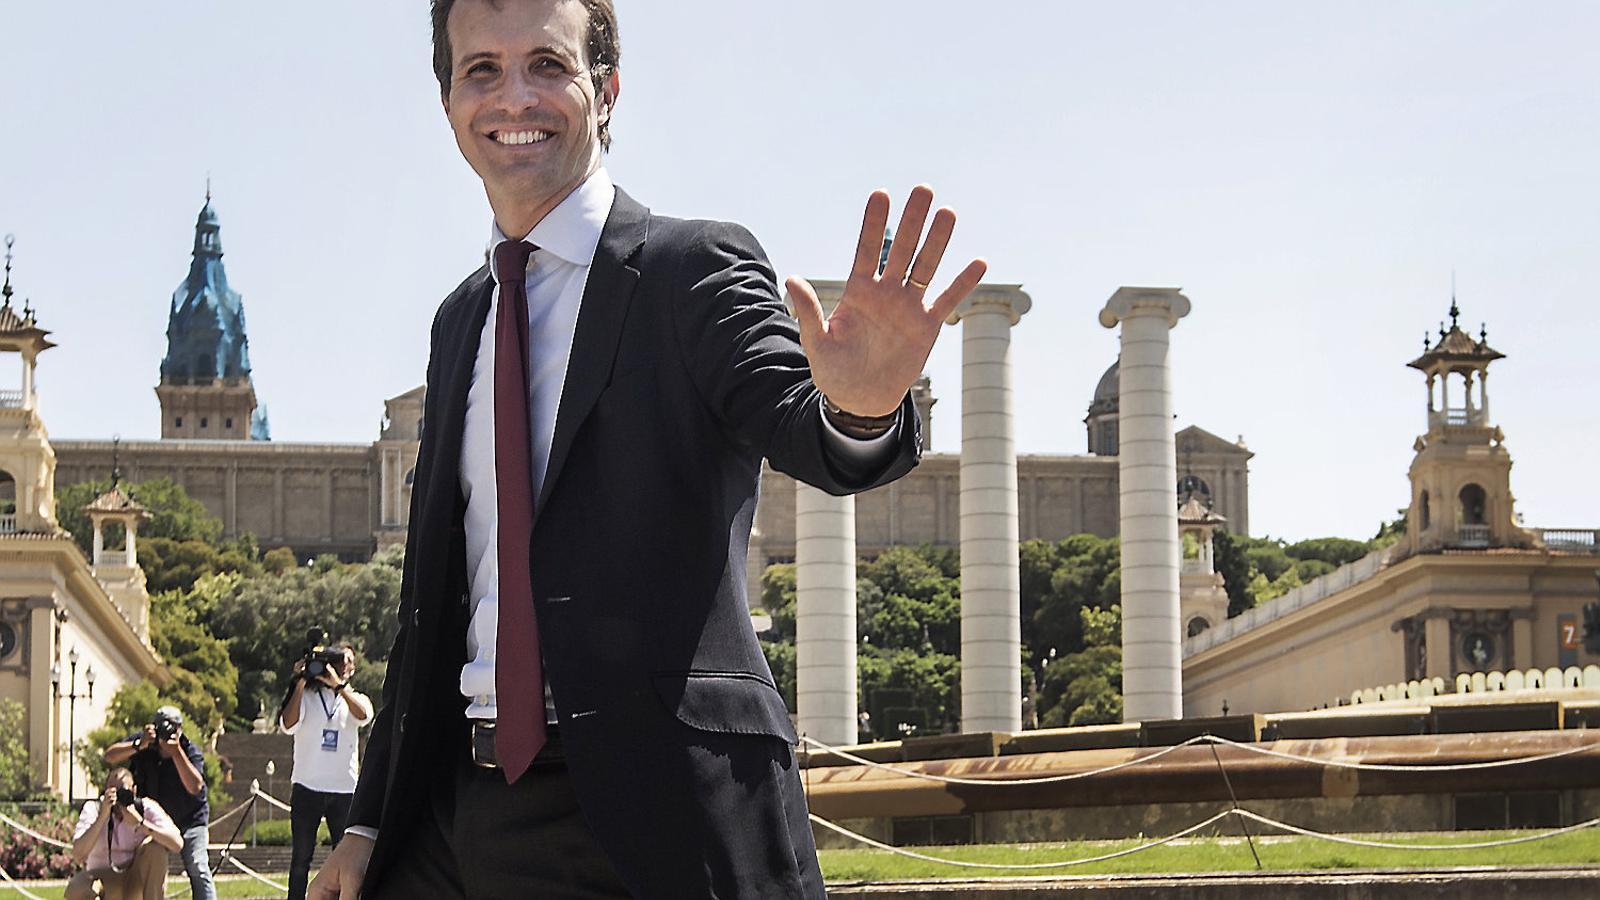 El nou líder del PP, Pablo Casado, abans de presidir la seva primera reunió del comitè executiu, que es va celebrar a Barcelona el 25 de juliol.